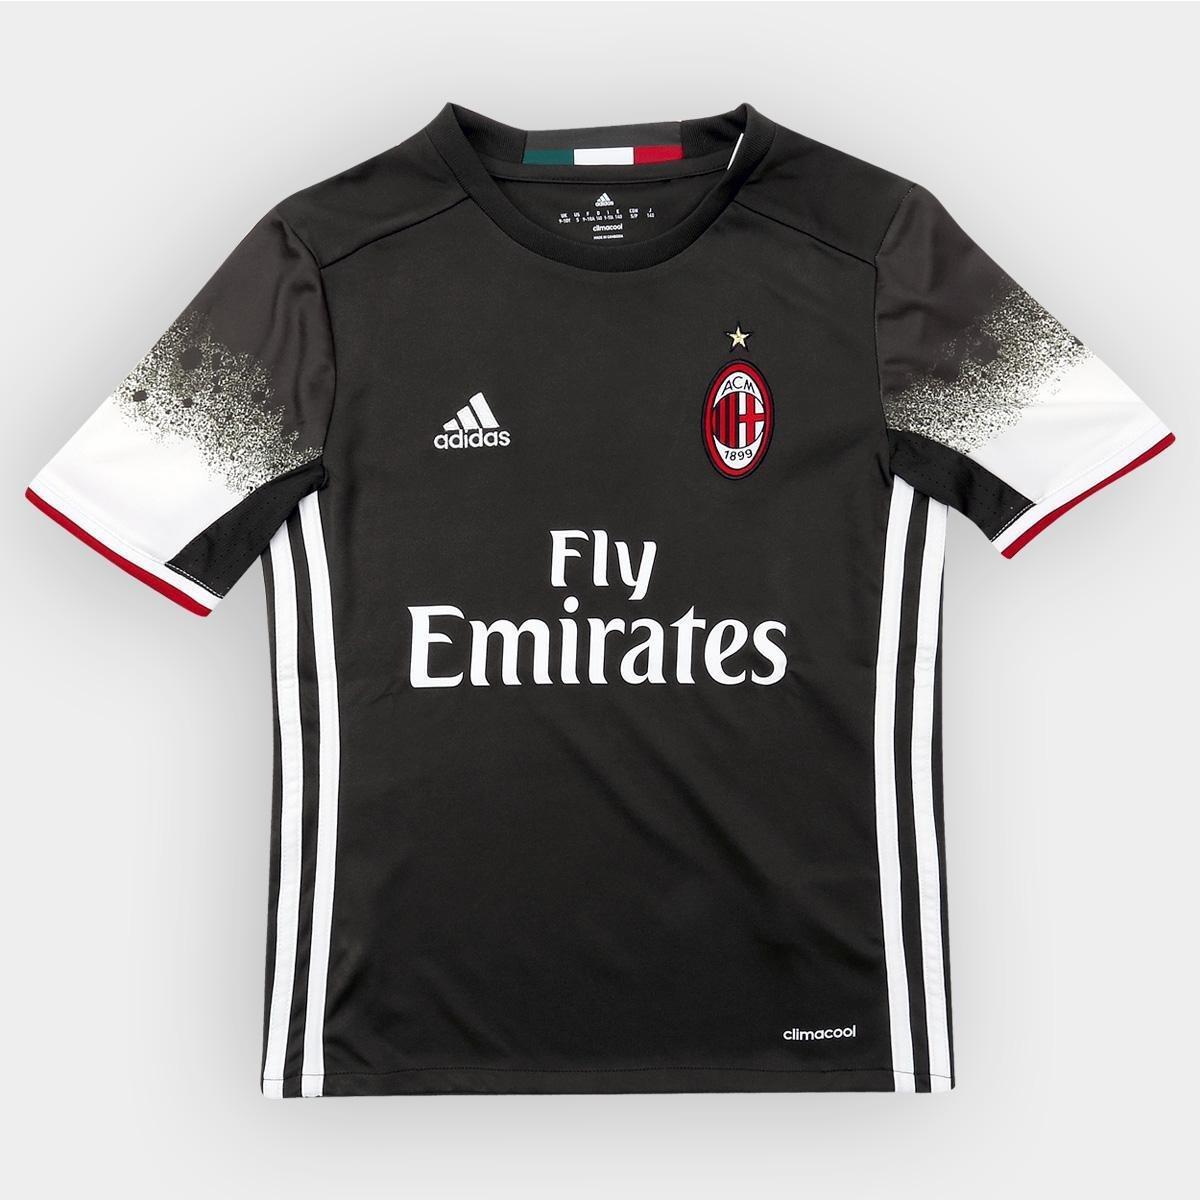 Camisa Milan Infantil Third 16 17 s nº Torcedor Adidas - Compre Agora  66d5555fb934b